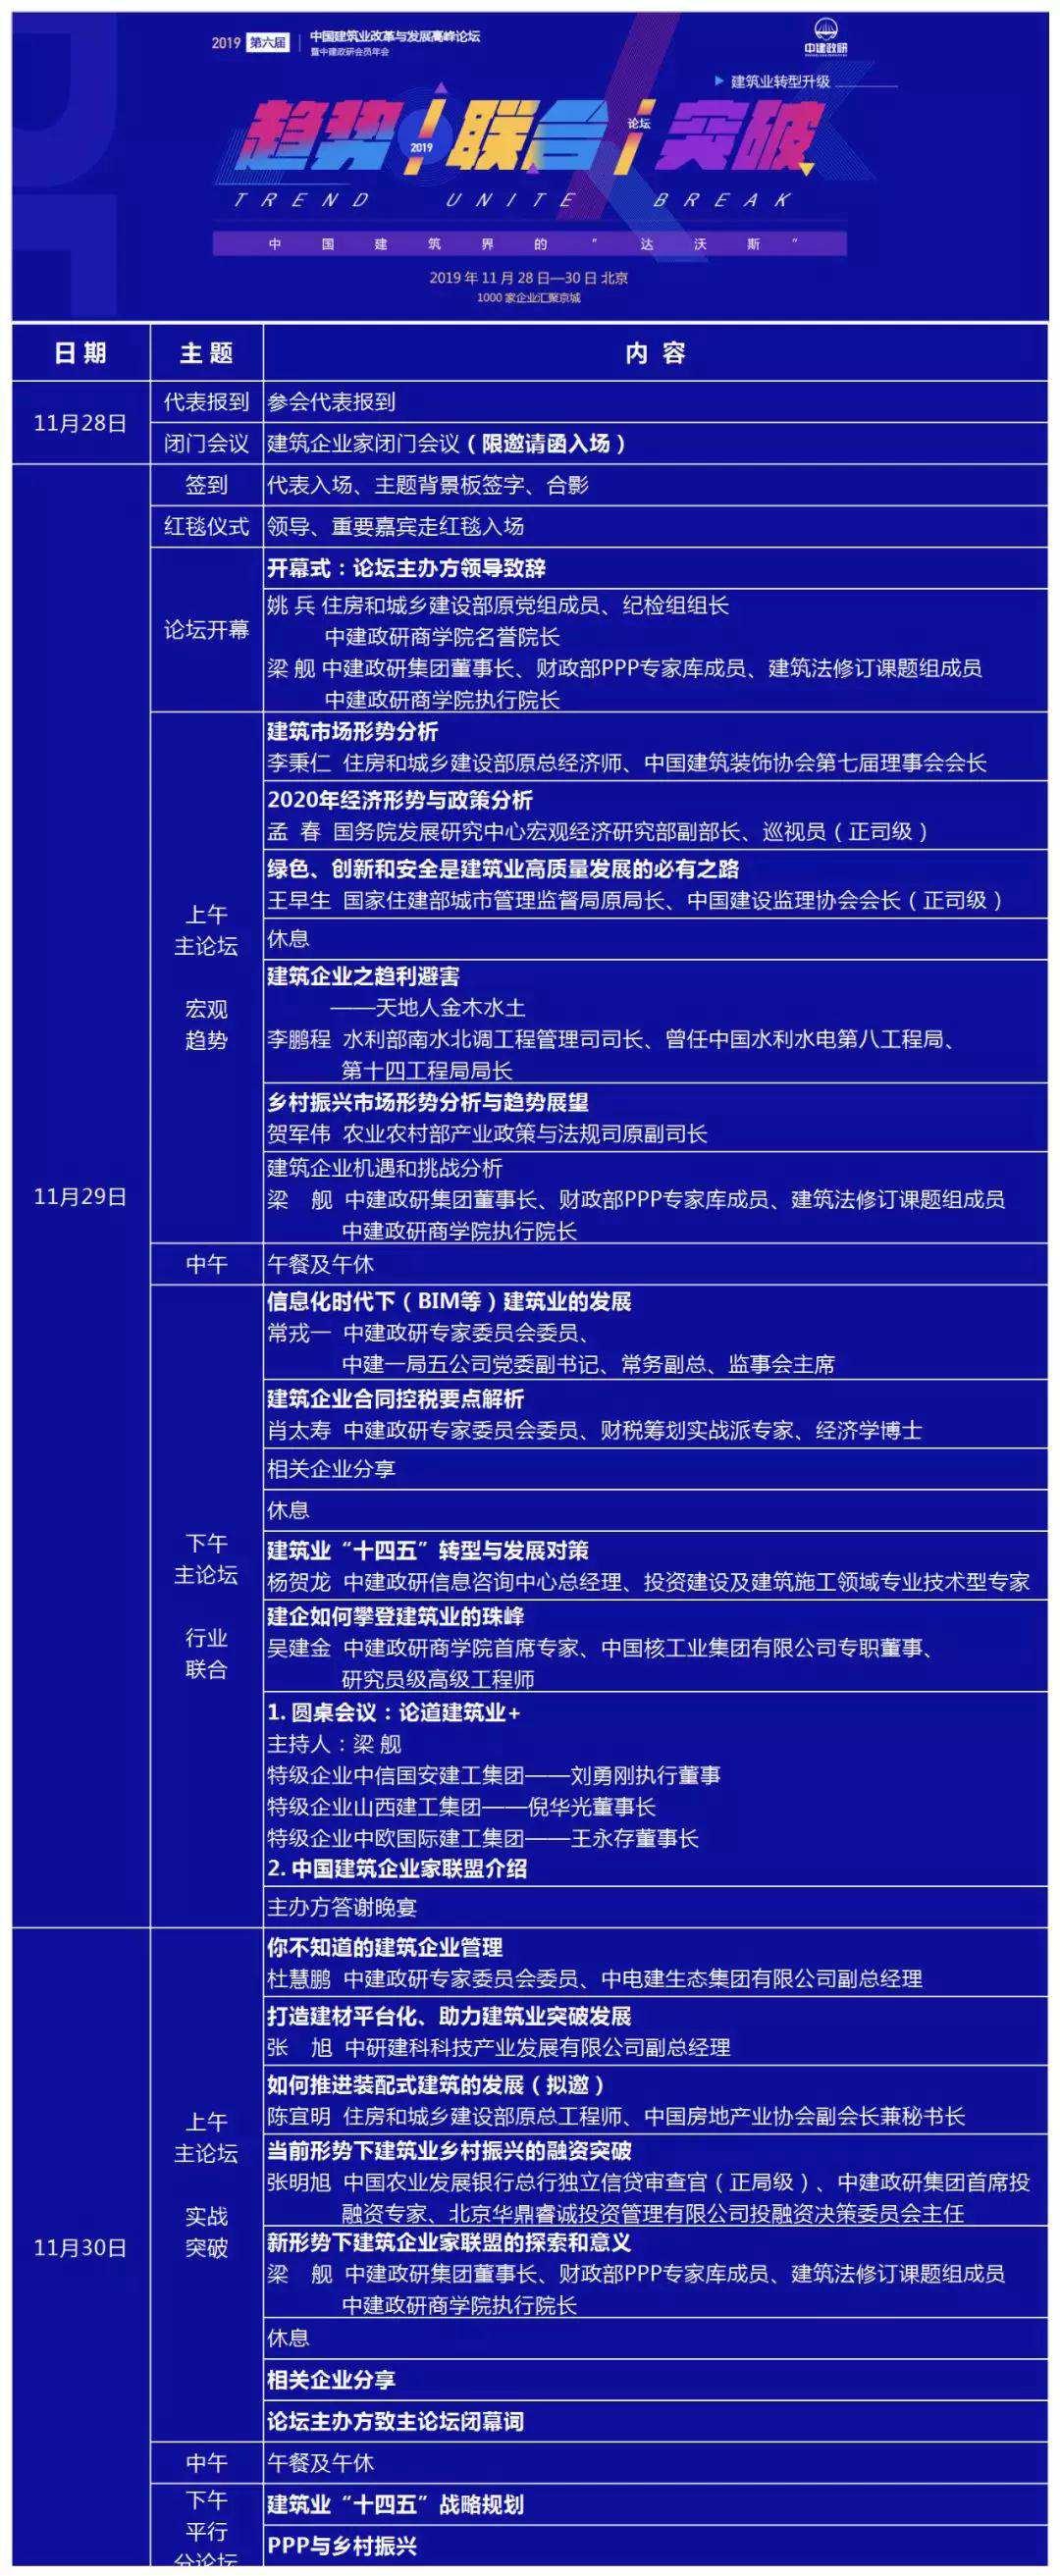 第六届中国建筑业改革与发展高峰论坛即将开幕